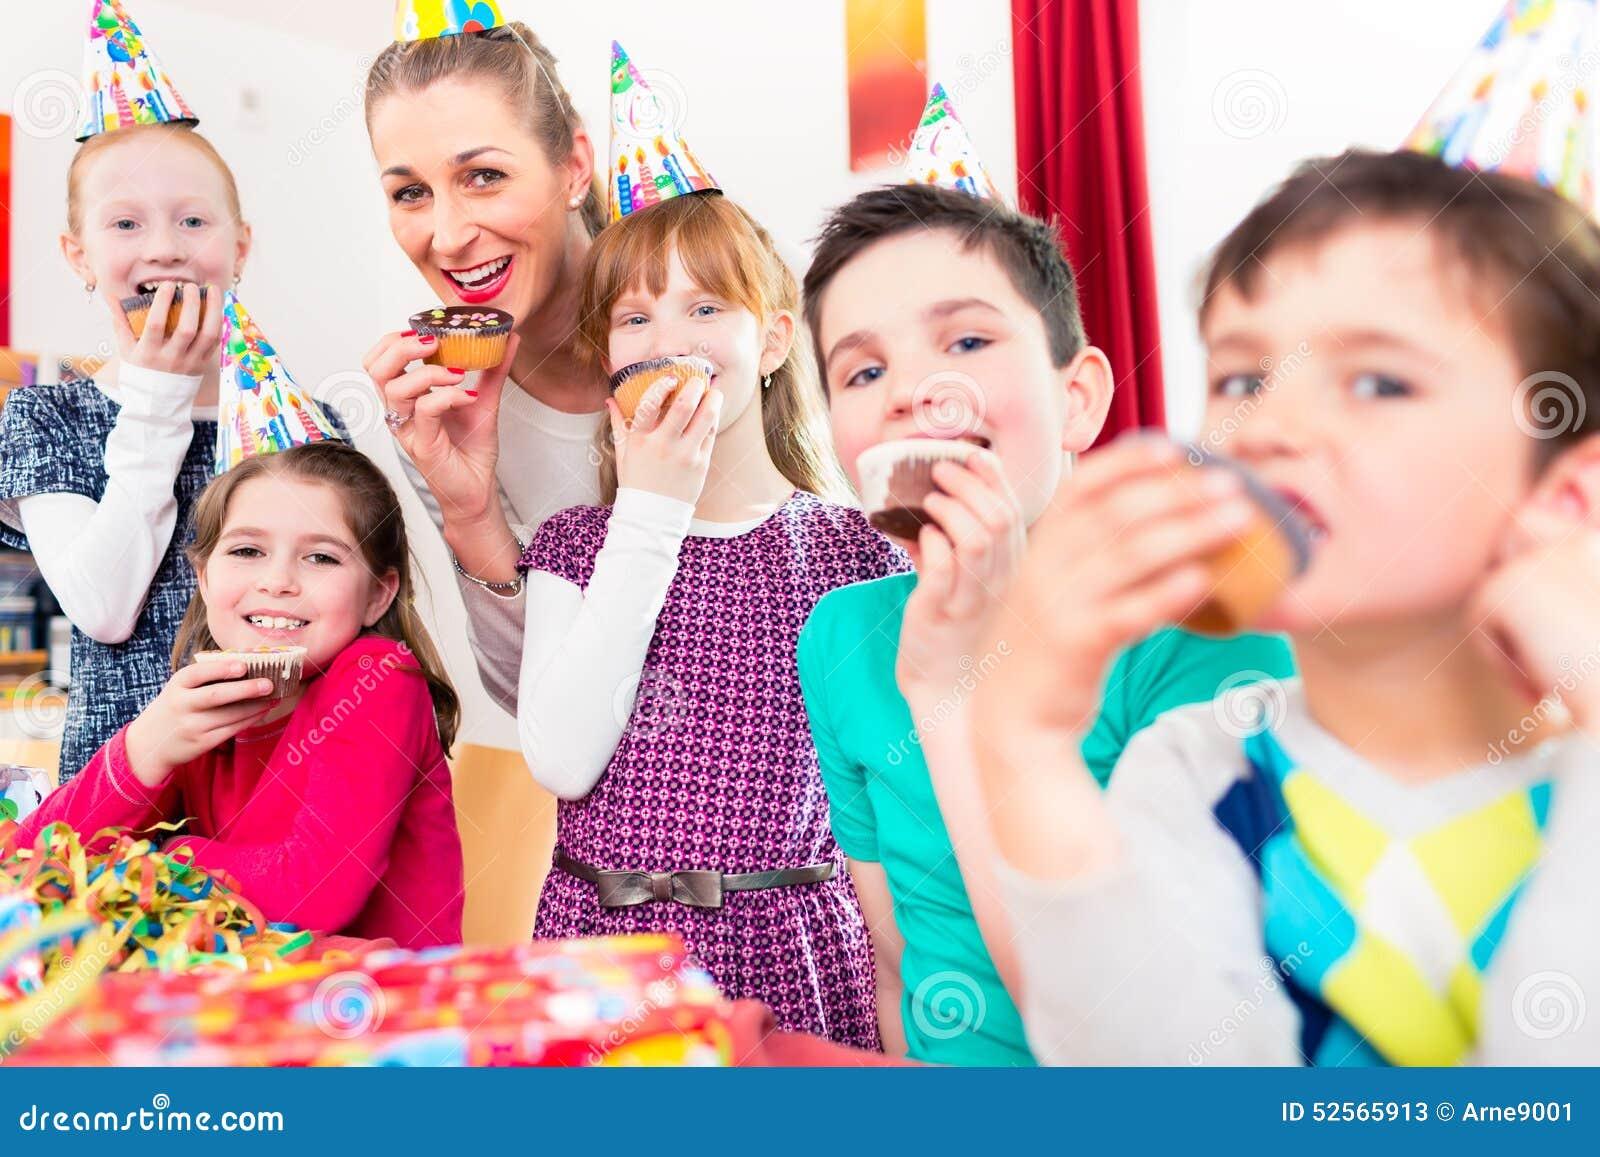 Kinder Welche Die Kleinen Kuchen Feiern Geburtstag Essen Stockbild